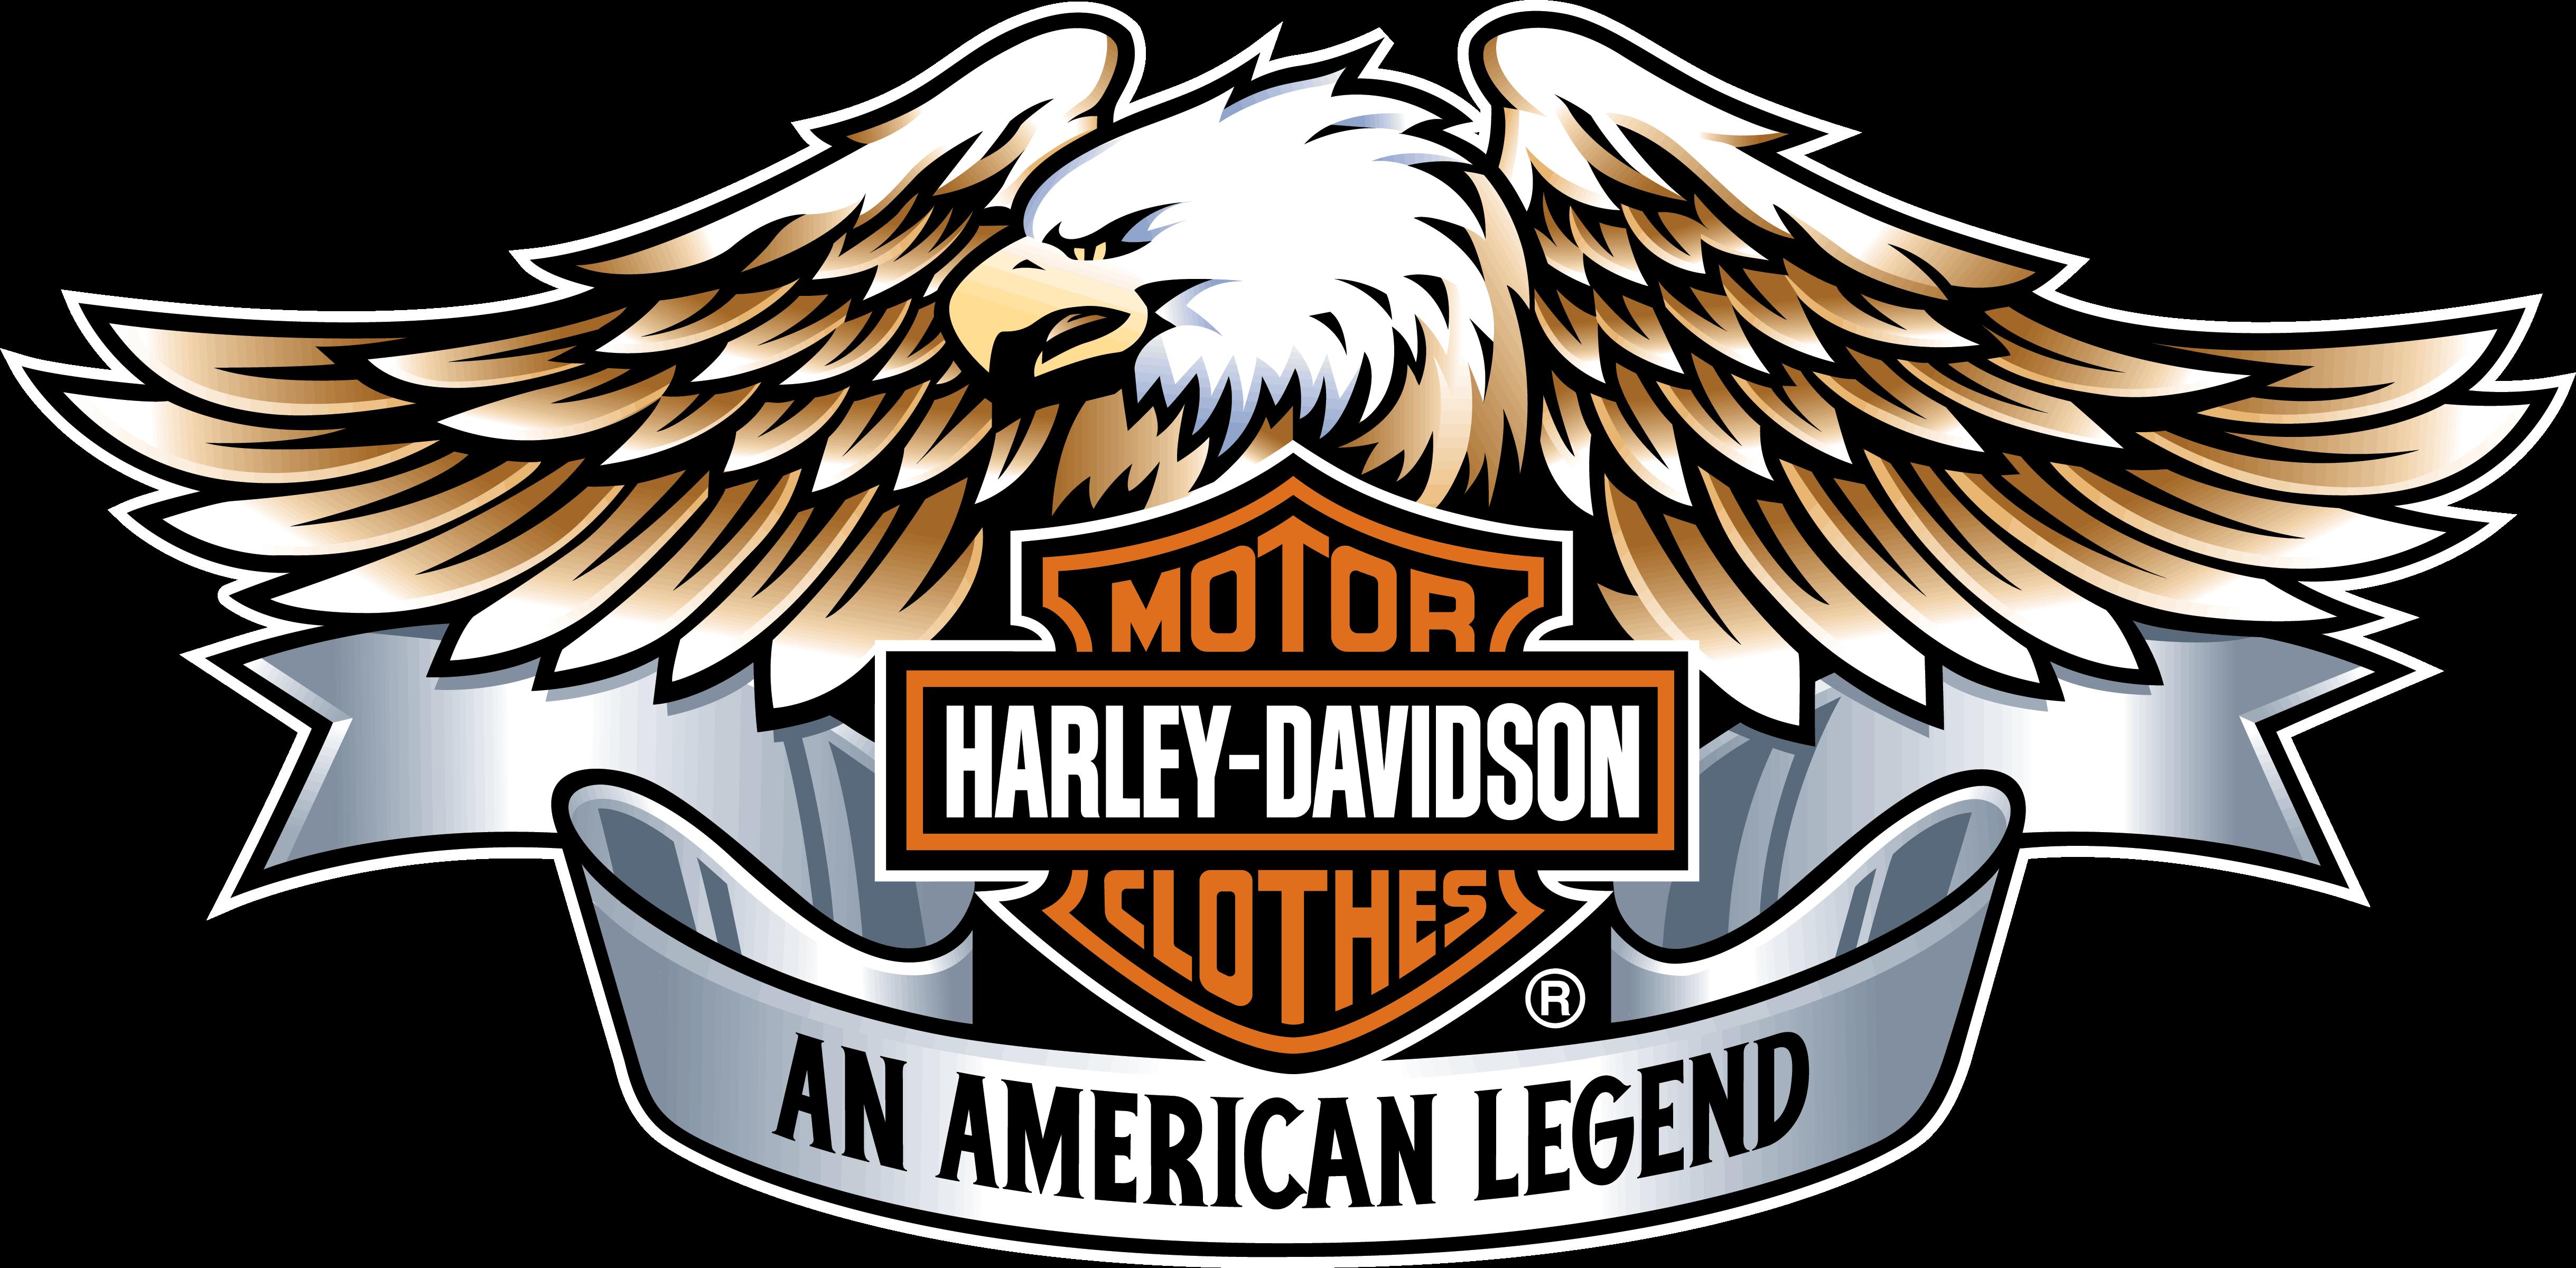 ศูนย์รวมชุมชน Harley Davidson 48 สาวกจักรยานยนต์บิ๊กไบค์สิงค์ฮาร์เล่ย์